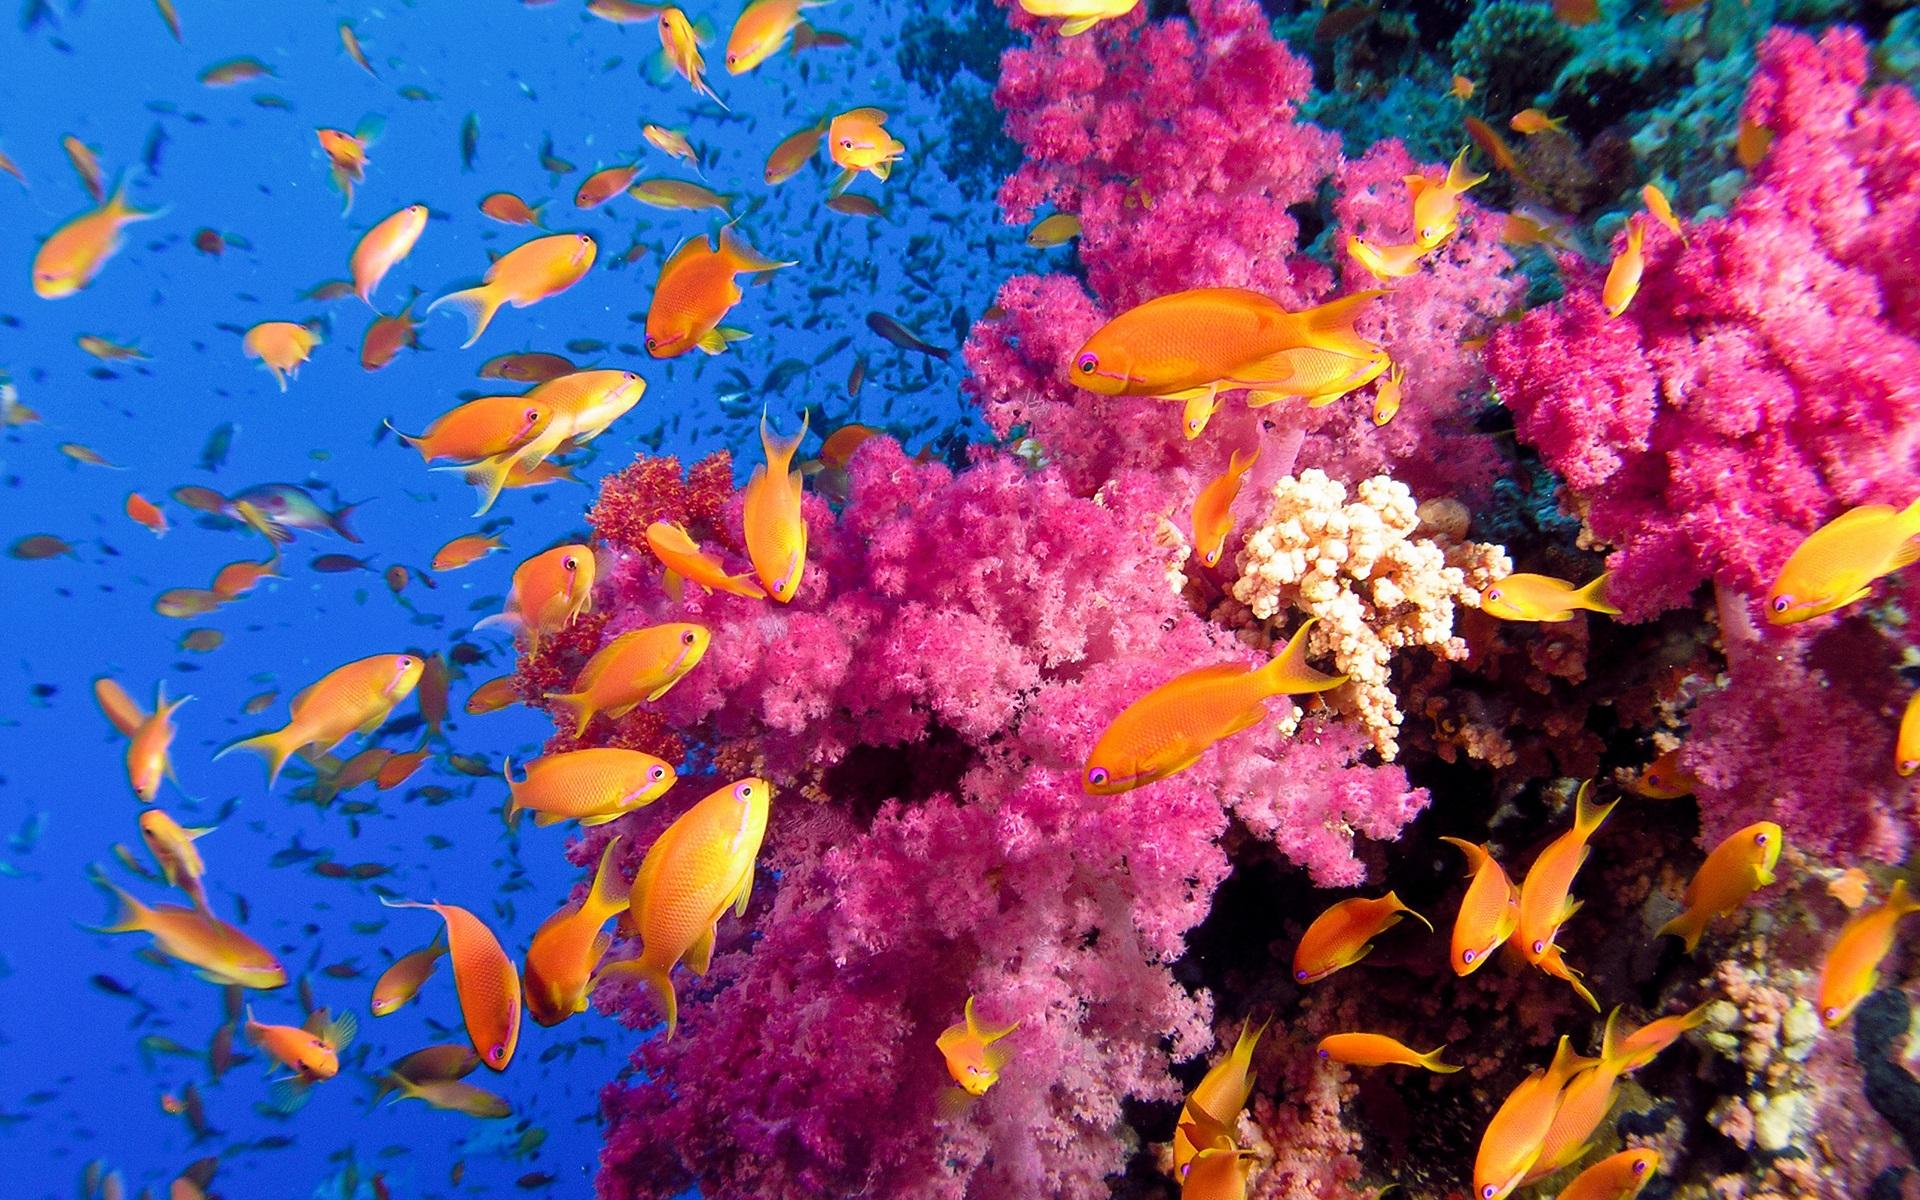 Màu vàng và hồng sáng rực cả một vùng biển